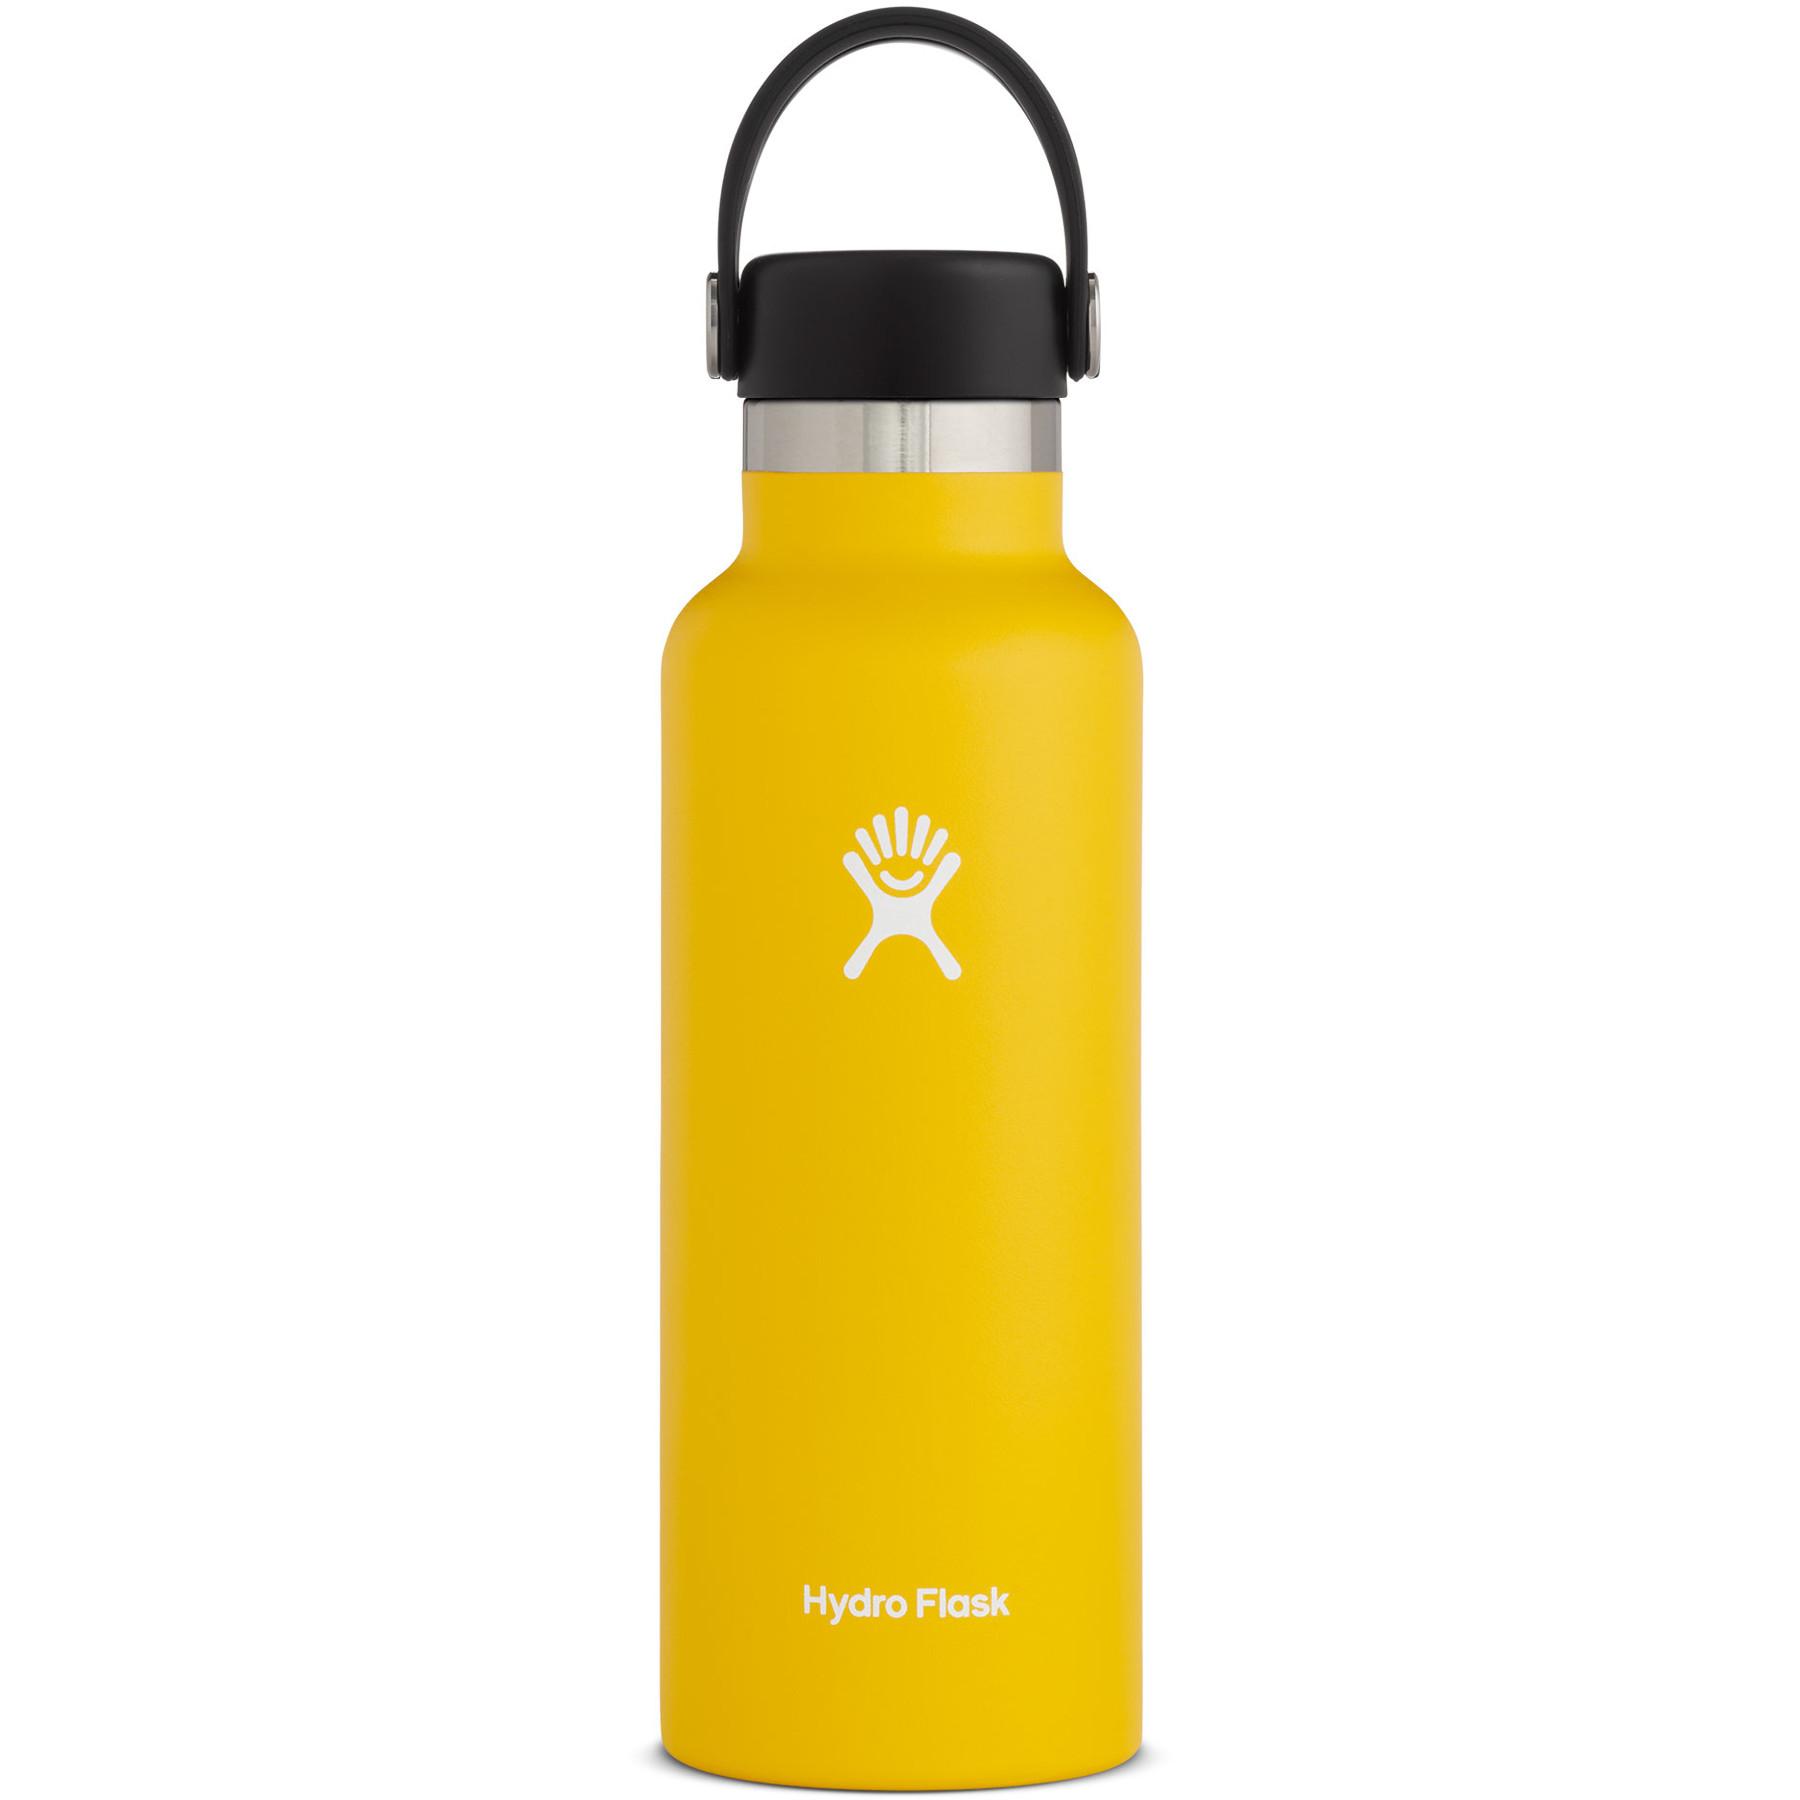 Bild von Hydro Flask 18 oz Standard Mouth Flex Cap Thermoflasche 532ml - Sunflower